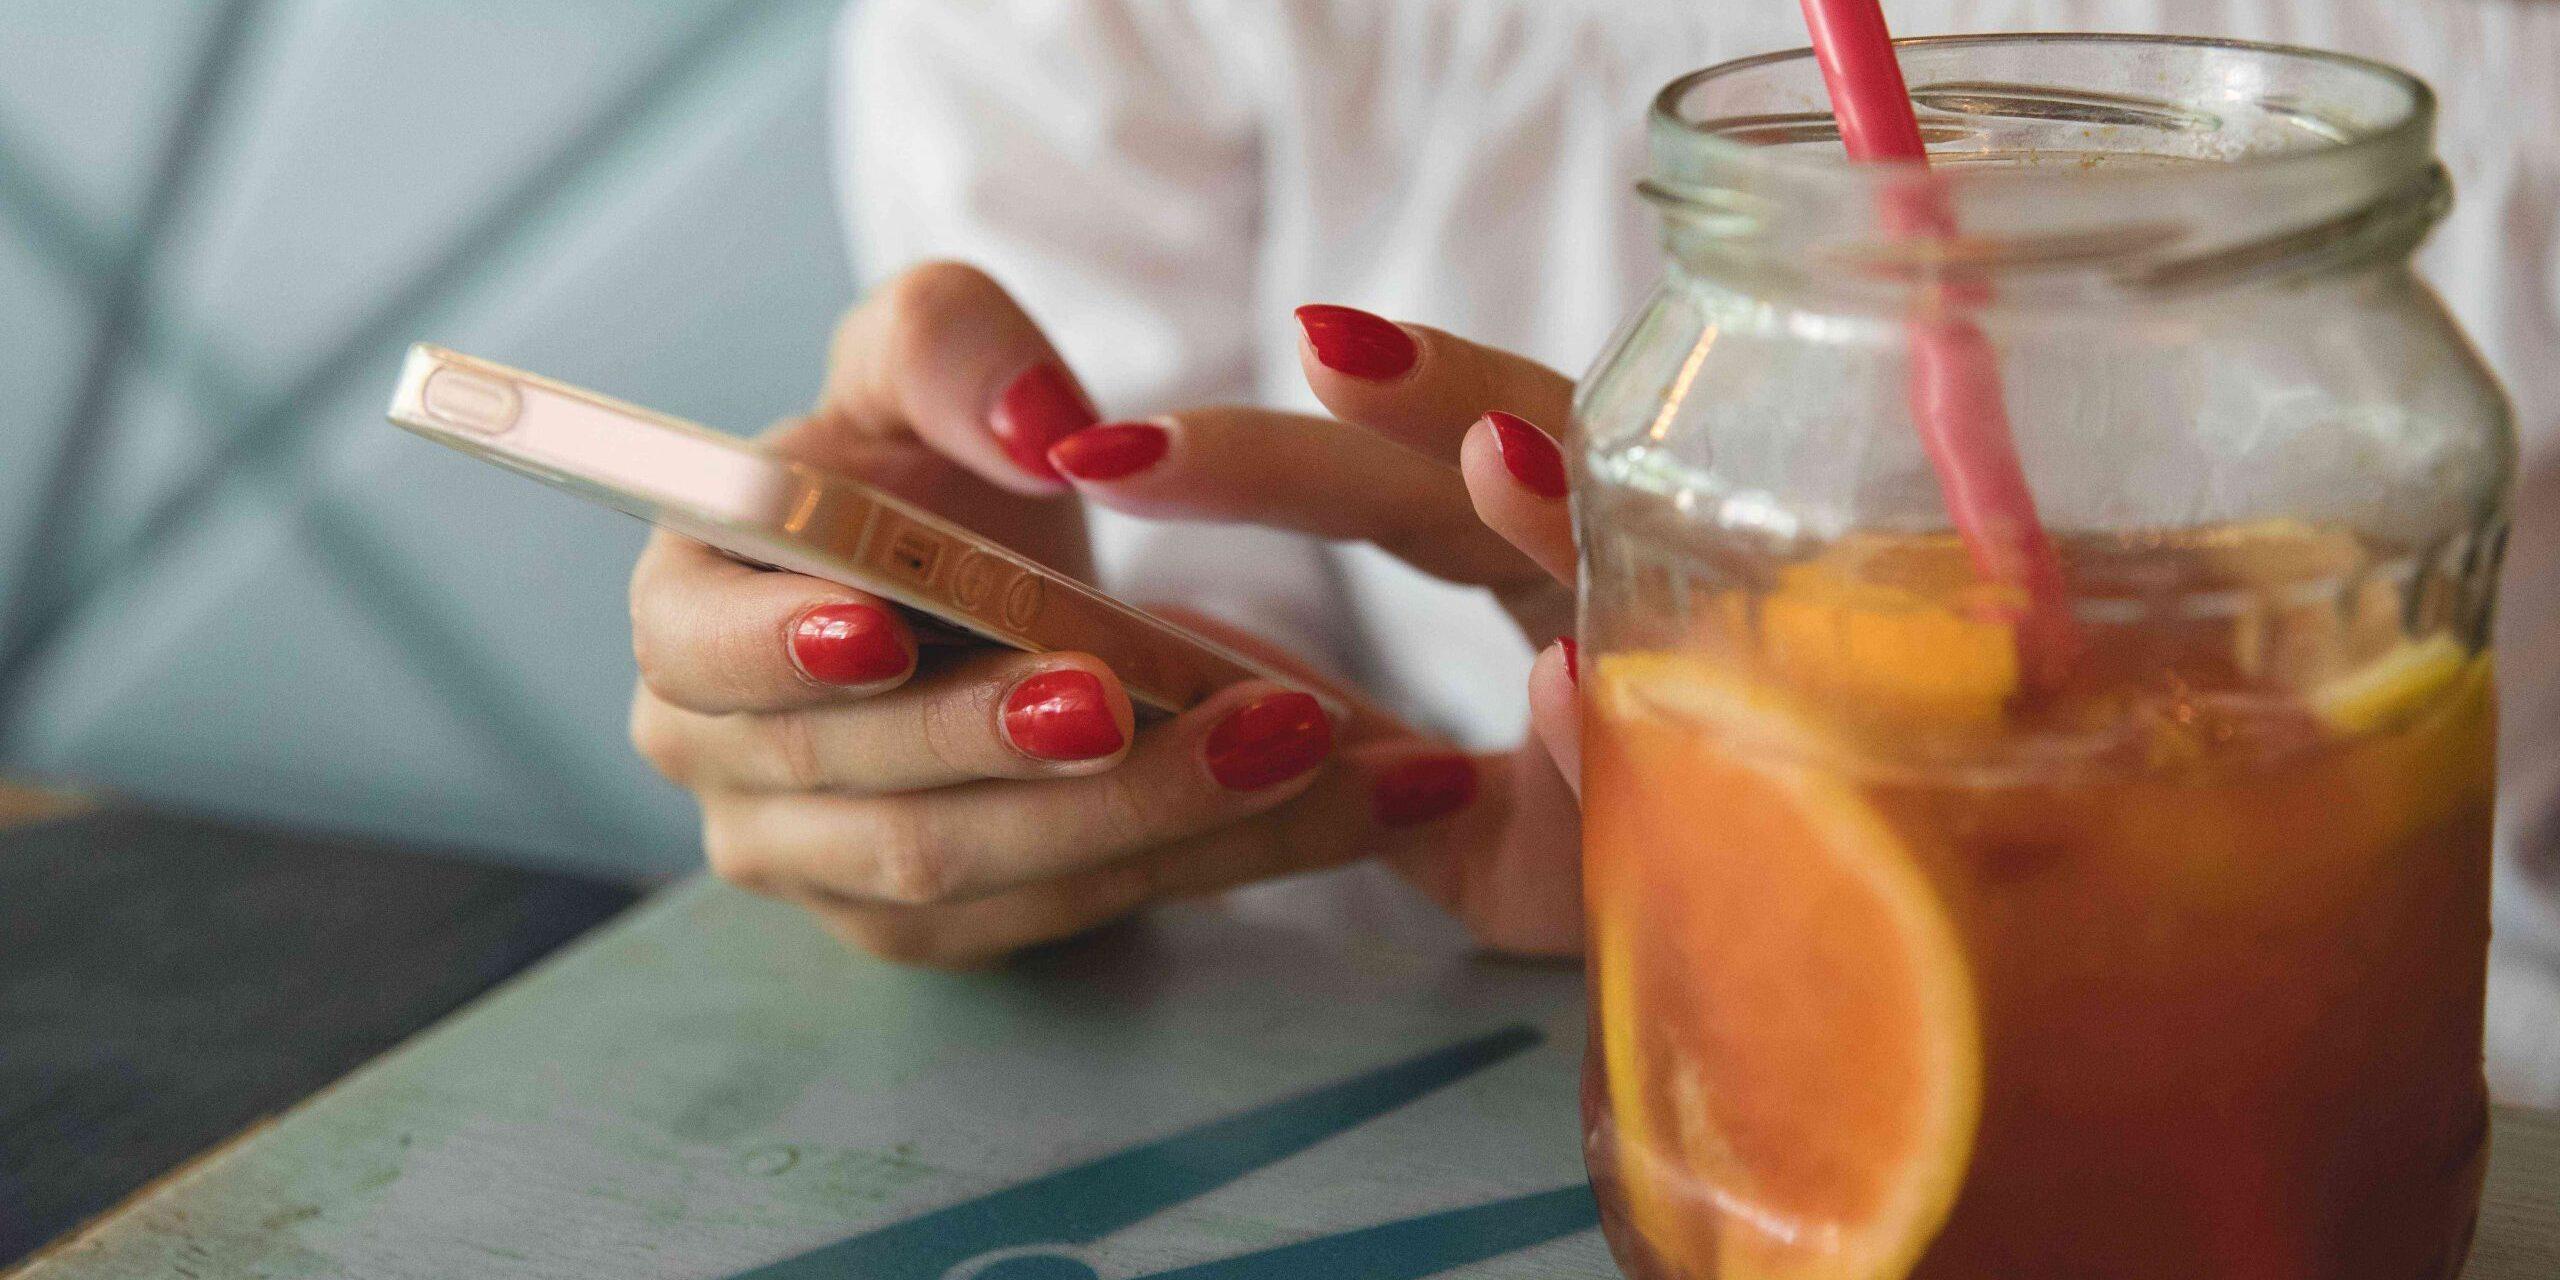 Ihminen näpyttelee älypuhelinta pöydän ääressä, pöydällä on värikäs drinkki